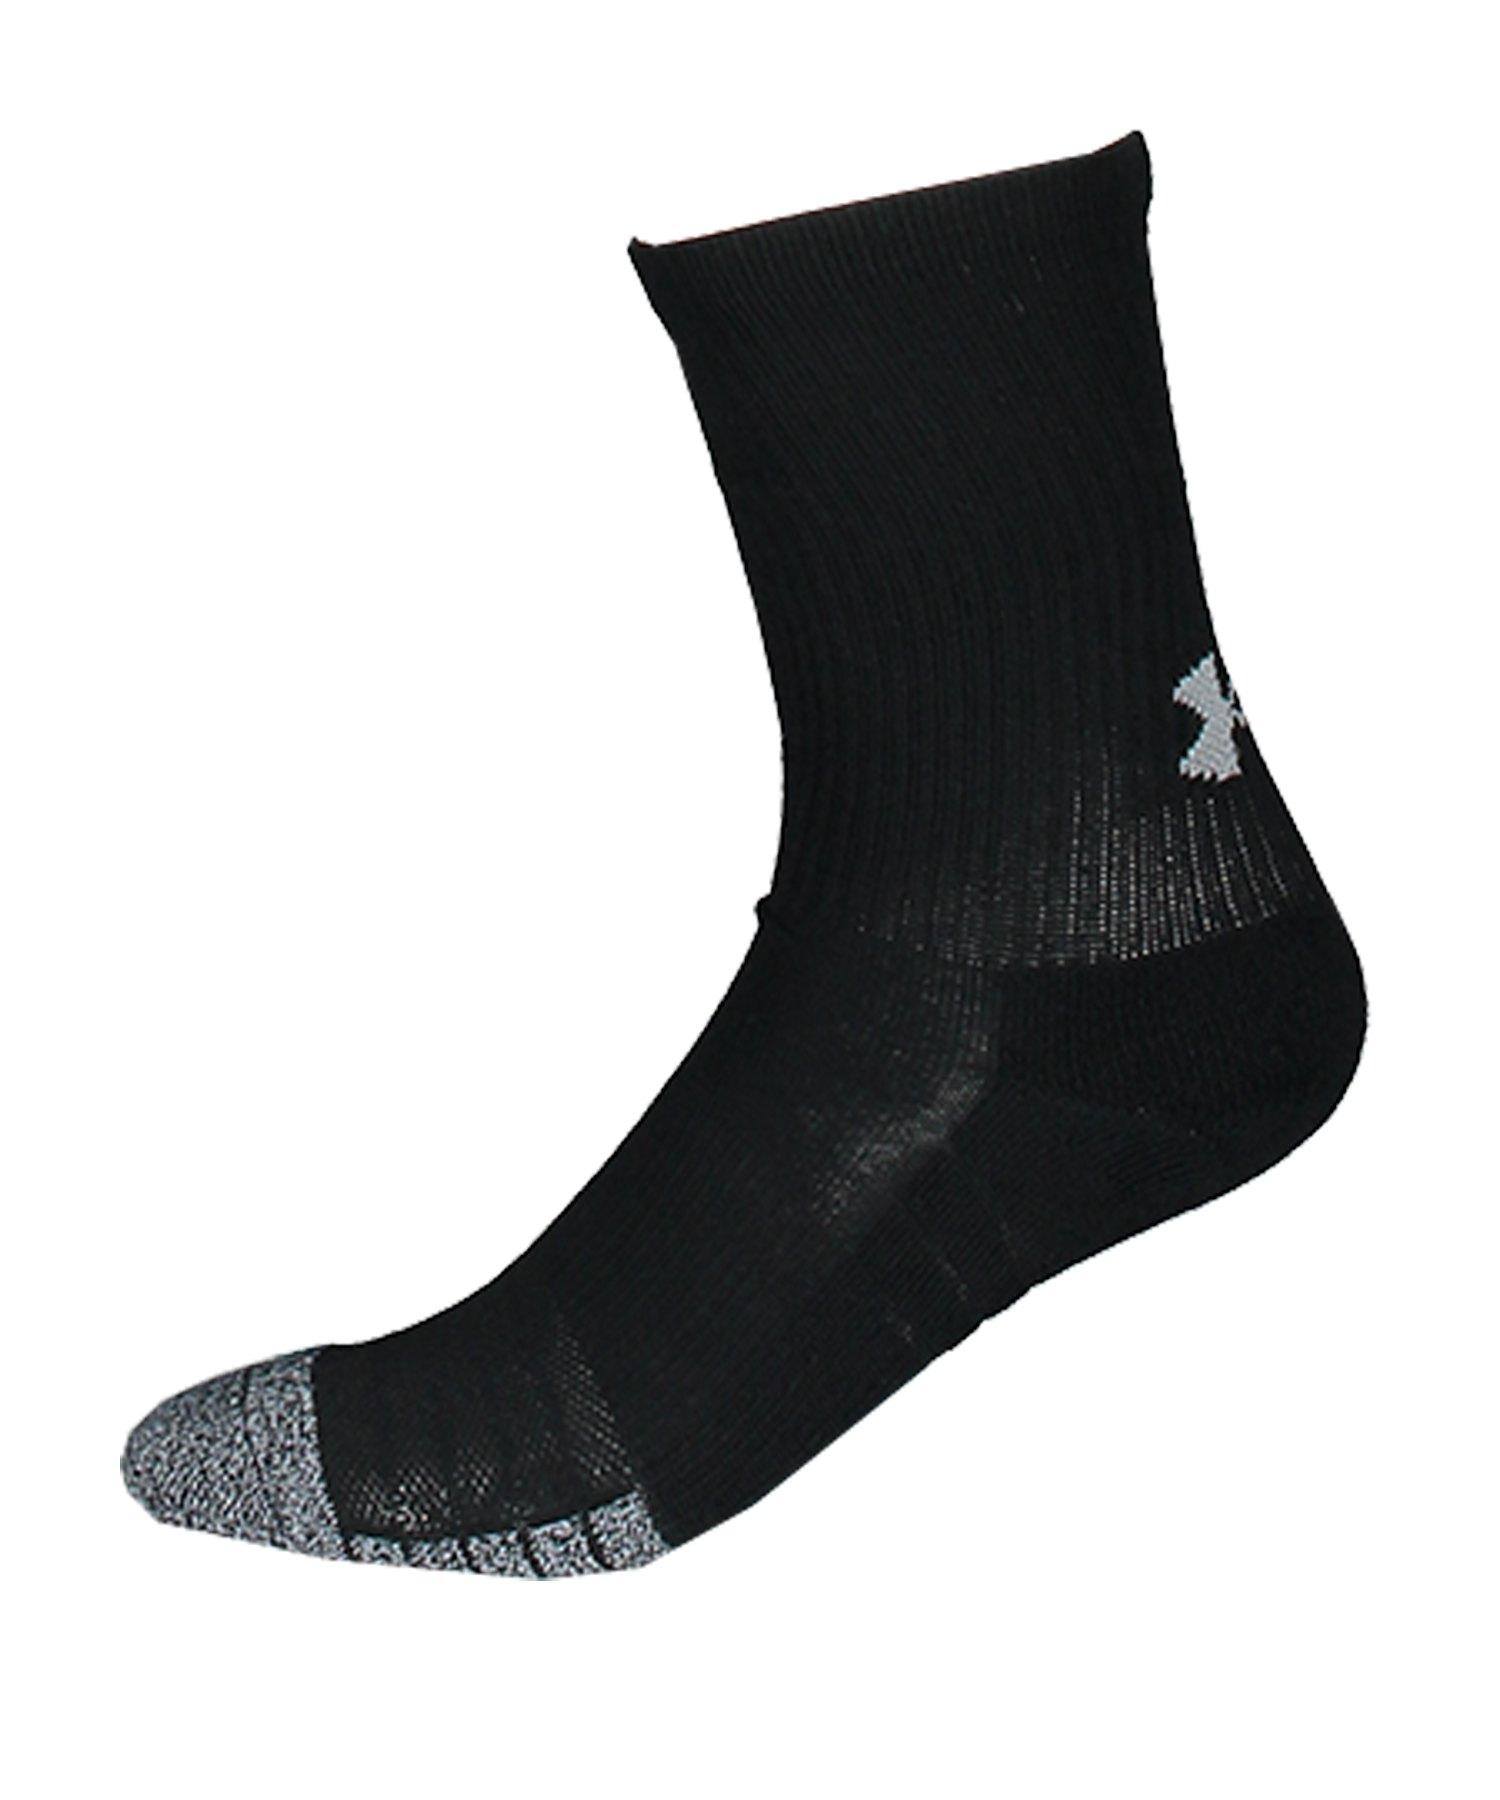 Under Armour HeatGear Crew Socken Schwarz F001 - schwarz